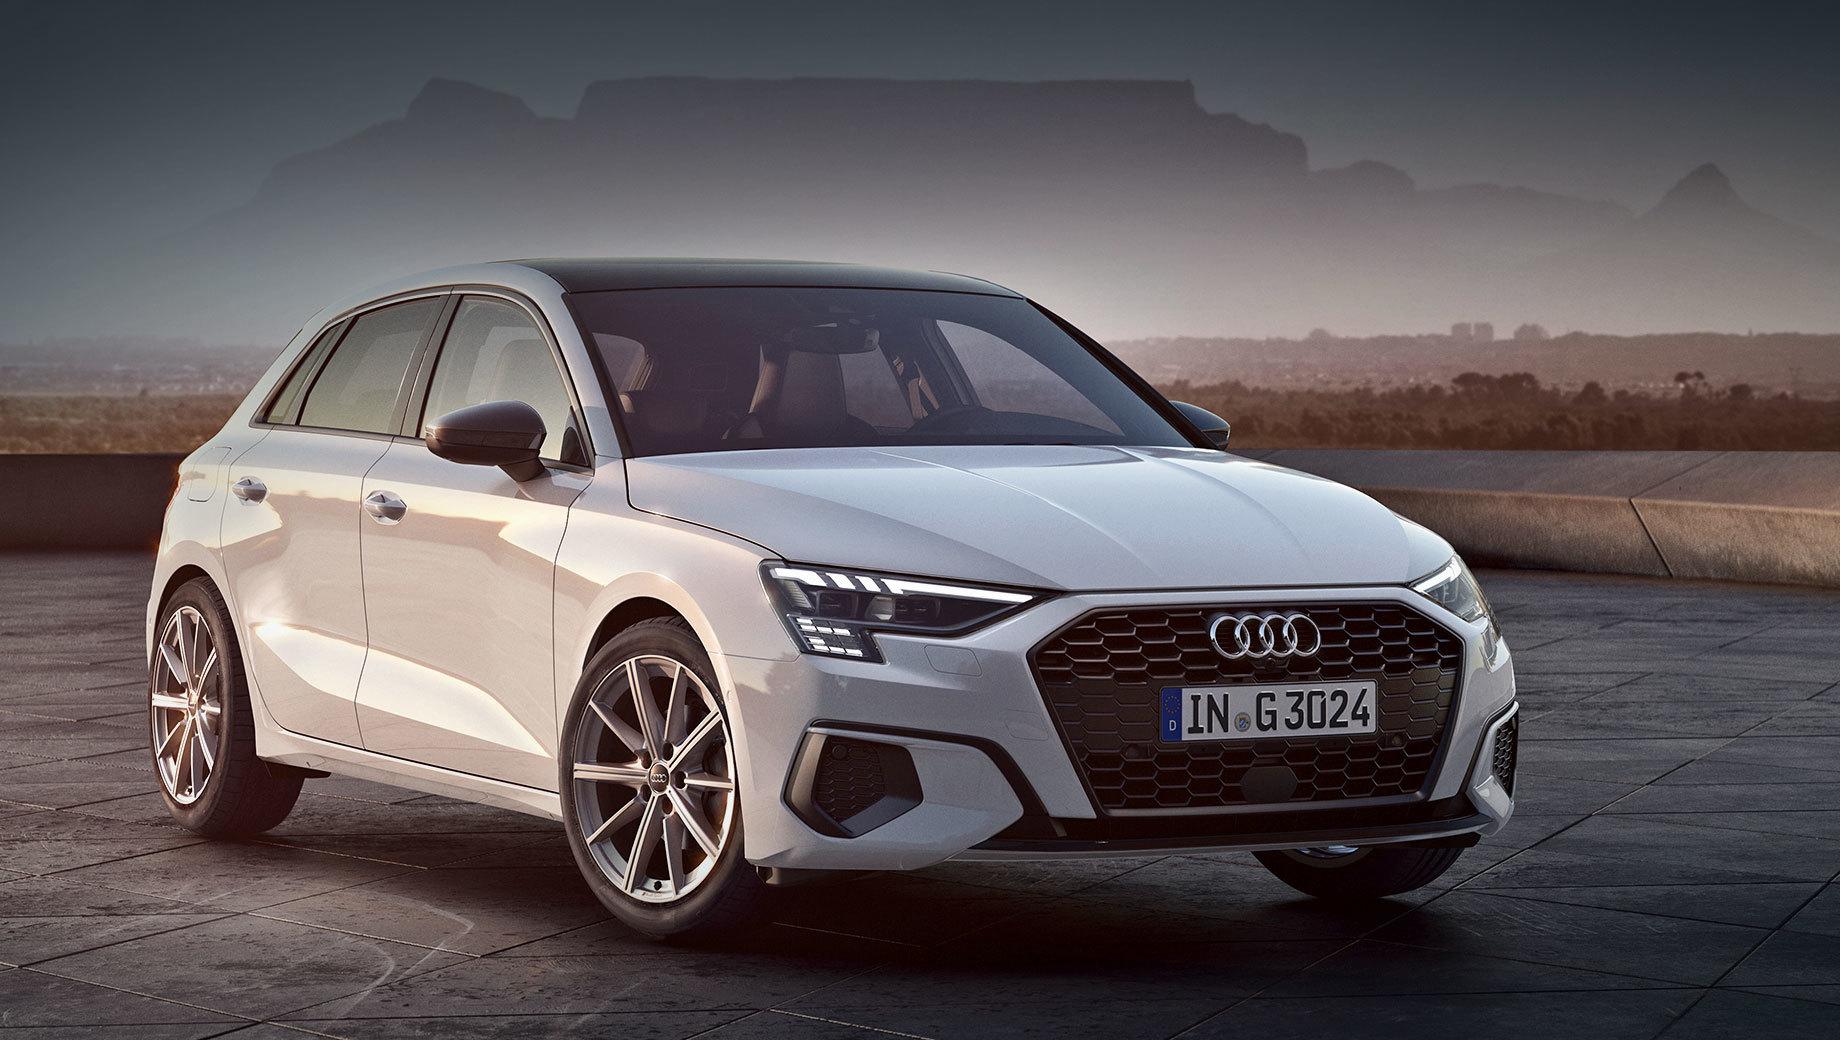 Audi a3,Audi a3 g-tron. Разгон до сотни у хэтча занимает 9,7 с (прежде требовалось 11) при максимальной скорости в 211 км/ч (было 190). Средний расход газа практически не изменился — 3,5–3,6 кг/100 км, что считается эквивалентом выбросов CO2 на уровне 96–99 г/км.